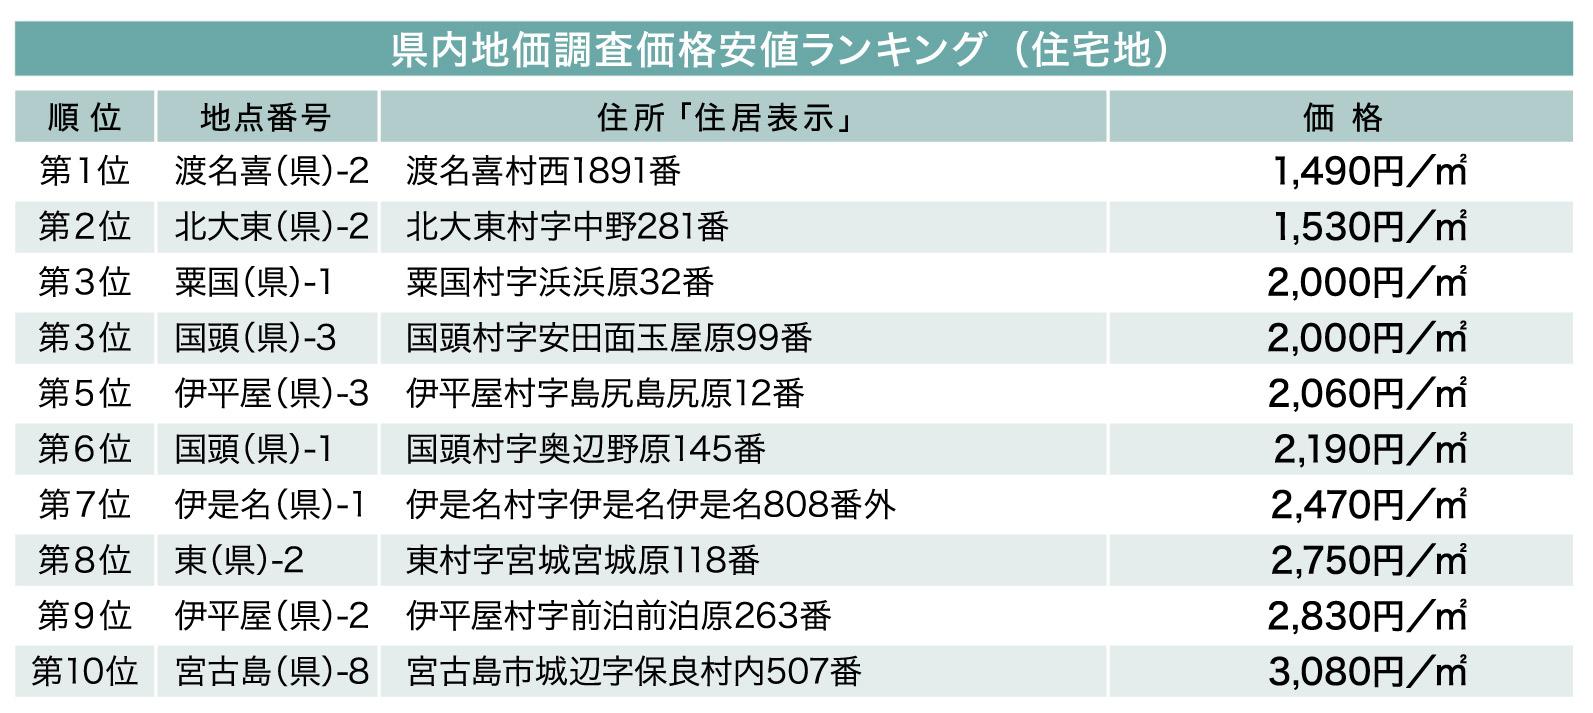 続・気になる土地の評価 File.7 県内の地価ランキング(住宅地)